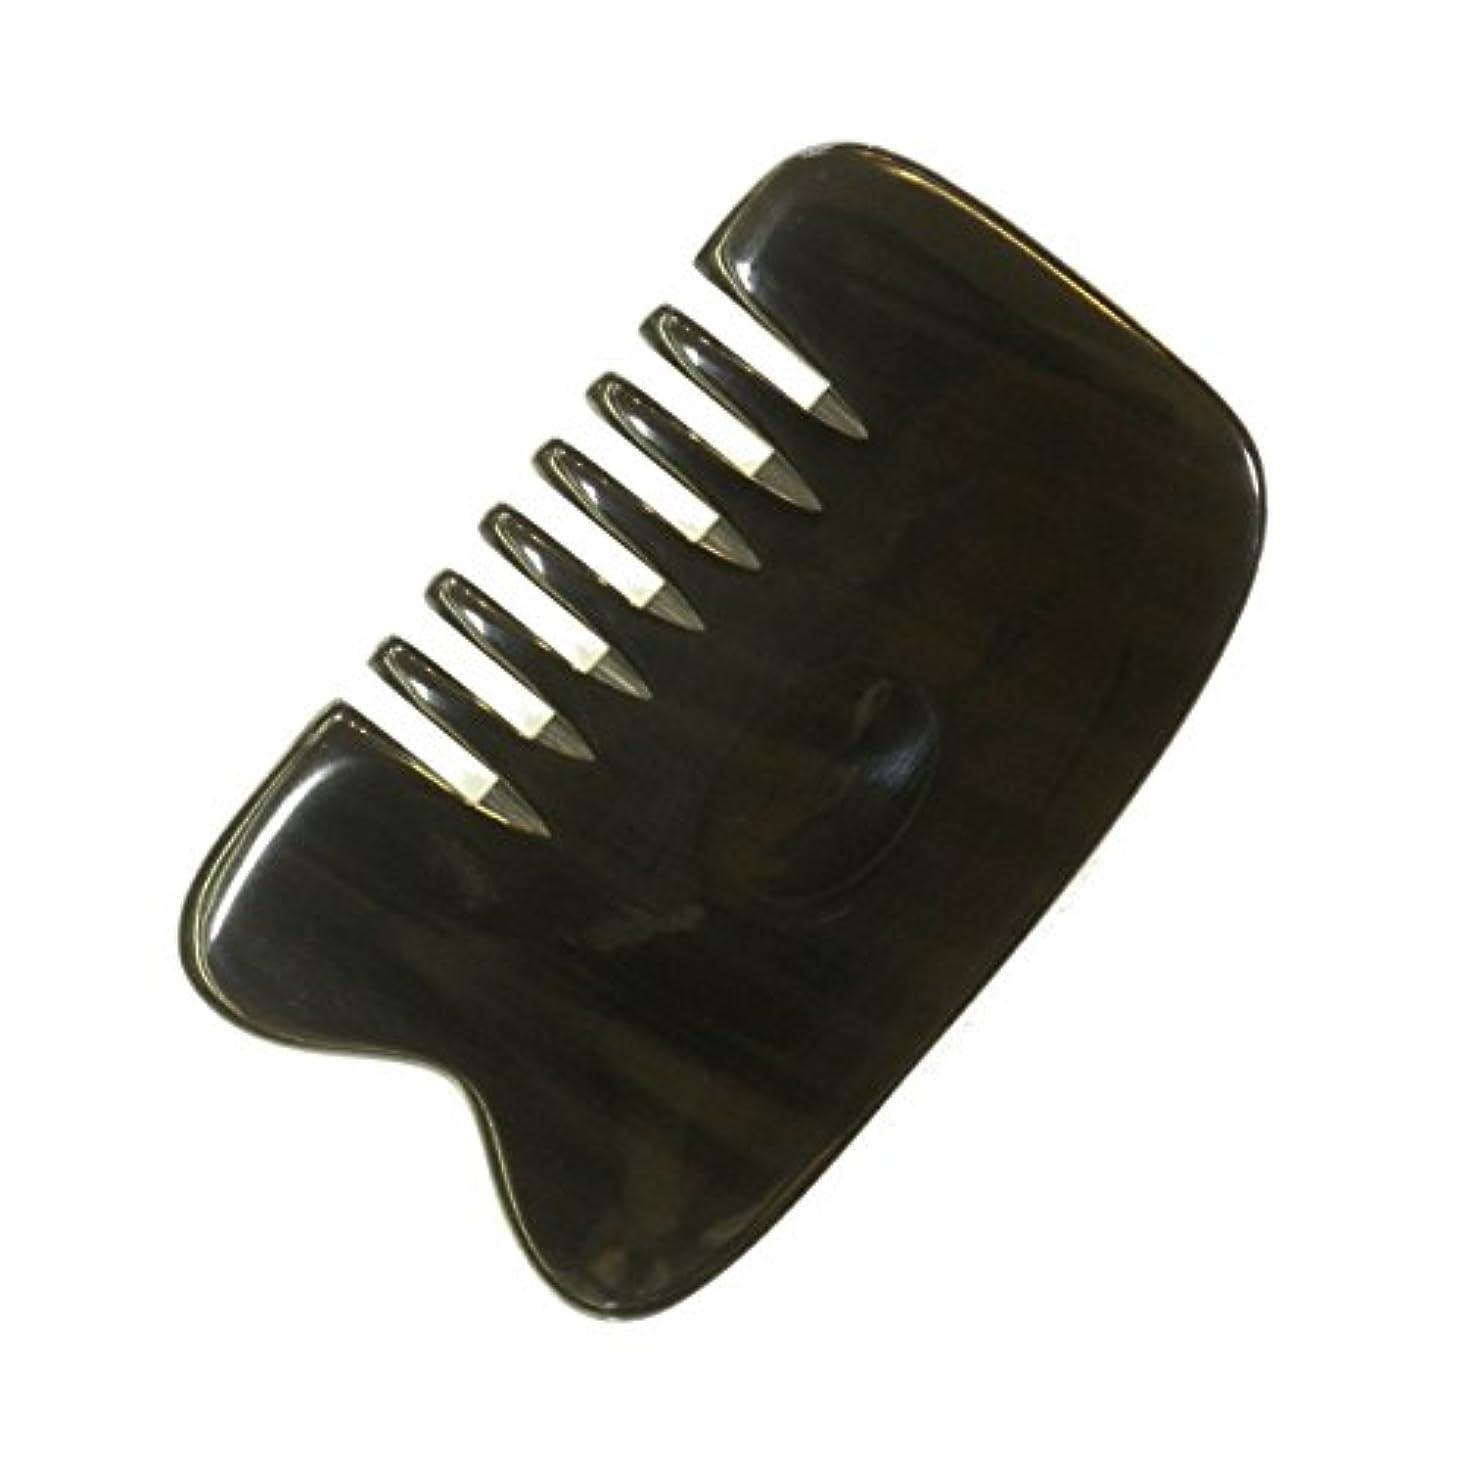 豆腐ペアアカデミックかっさ プレート 厚さが選べる 水牛の角(黒水牛角) EHE221SP 櫛型 特級品 特厚(9ミリ程度[100円加算])